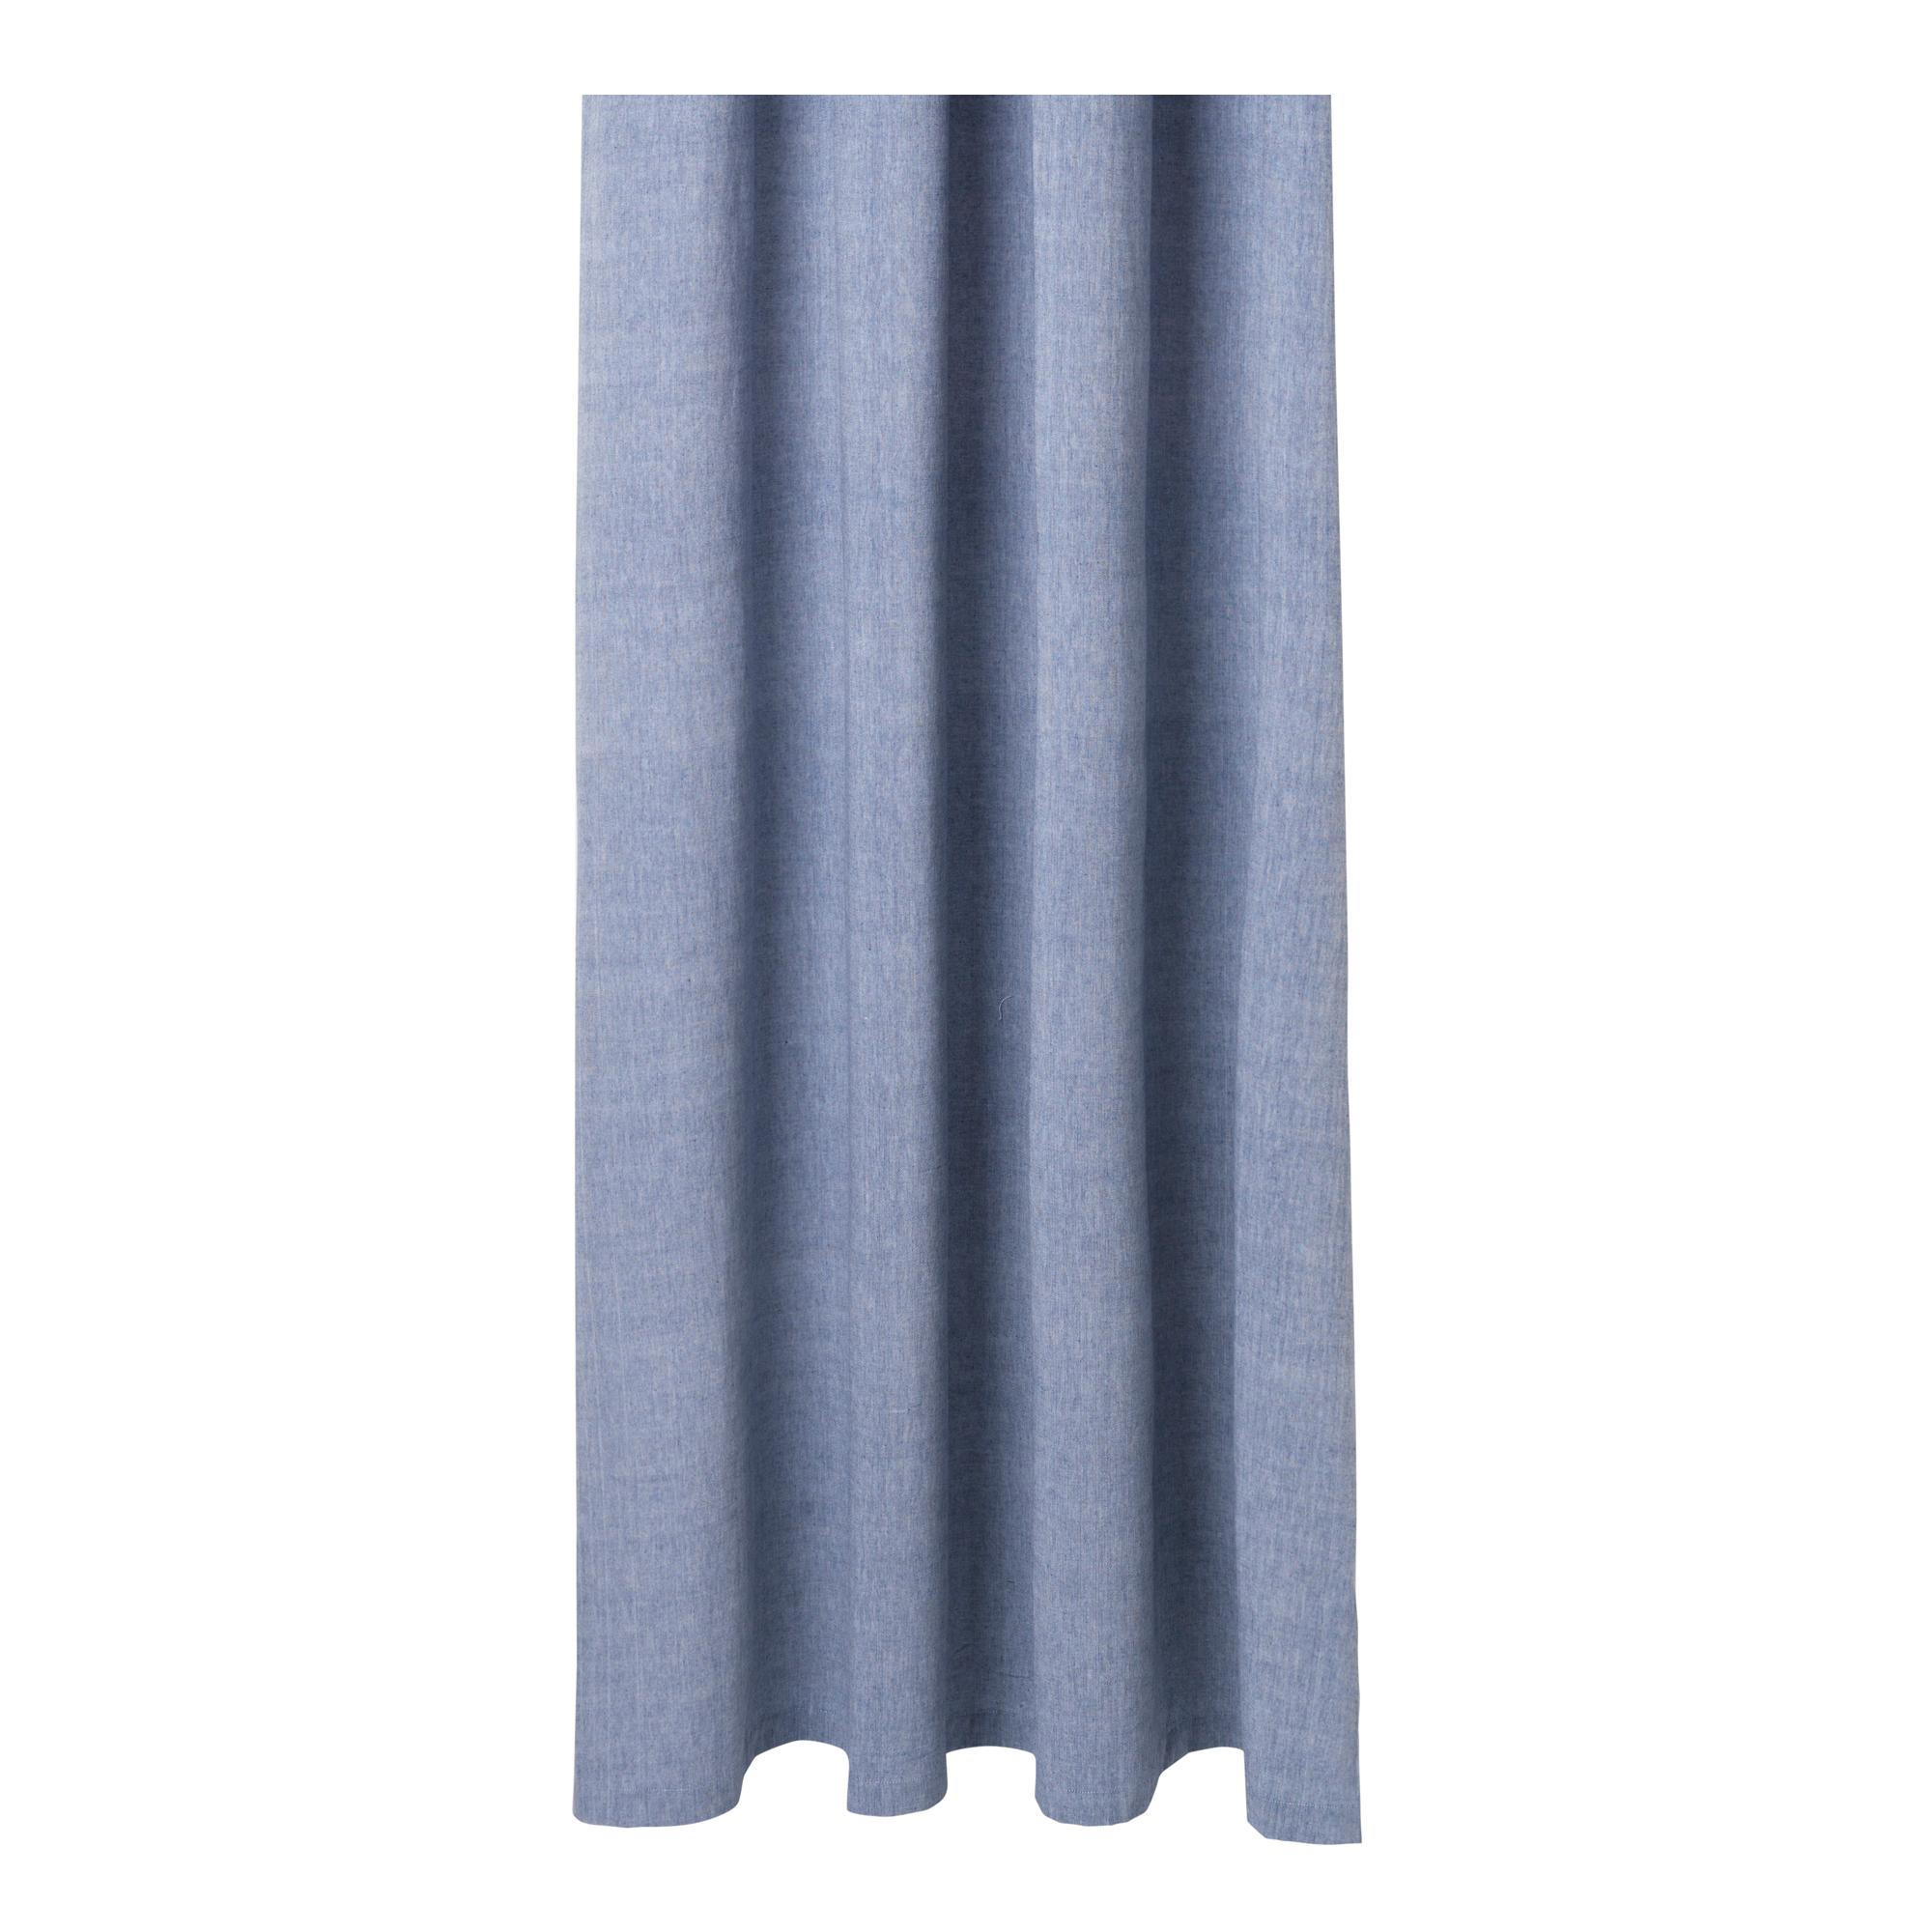 Chambray Shower Curtain Stripe Duschdraperi  4d6e3a227a04f